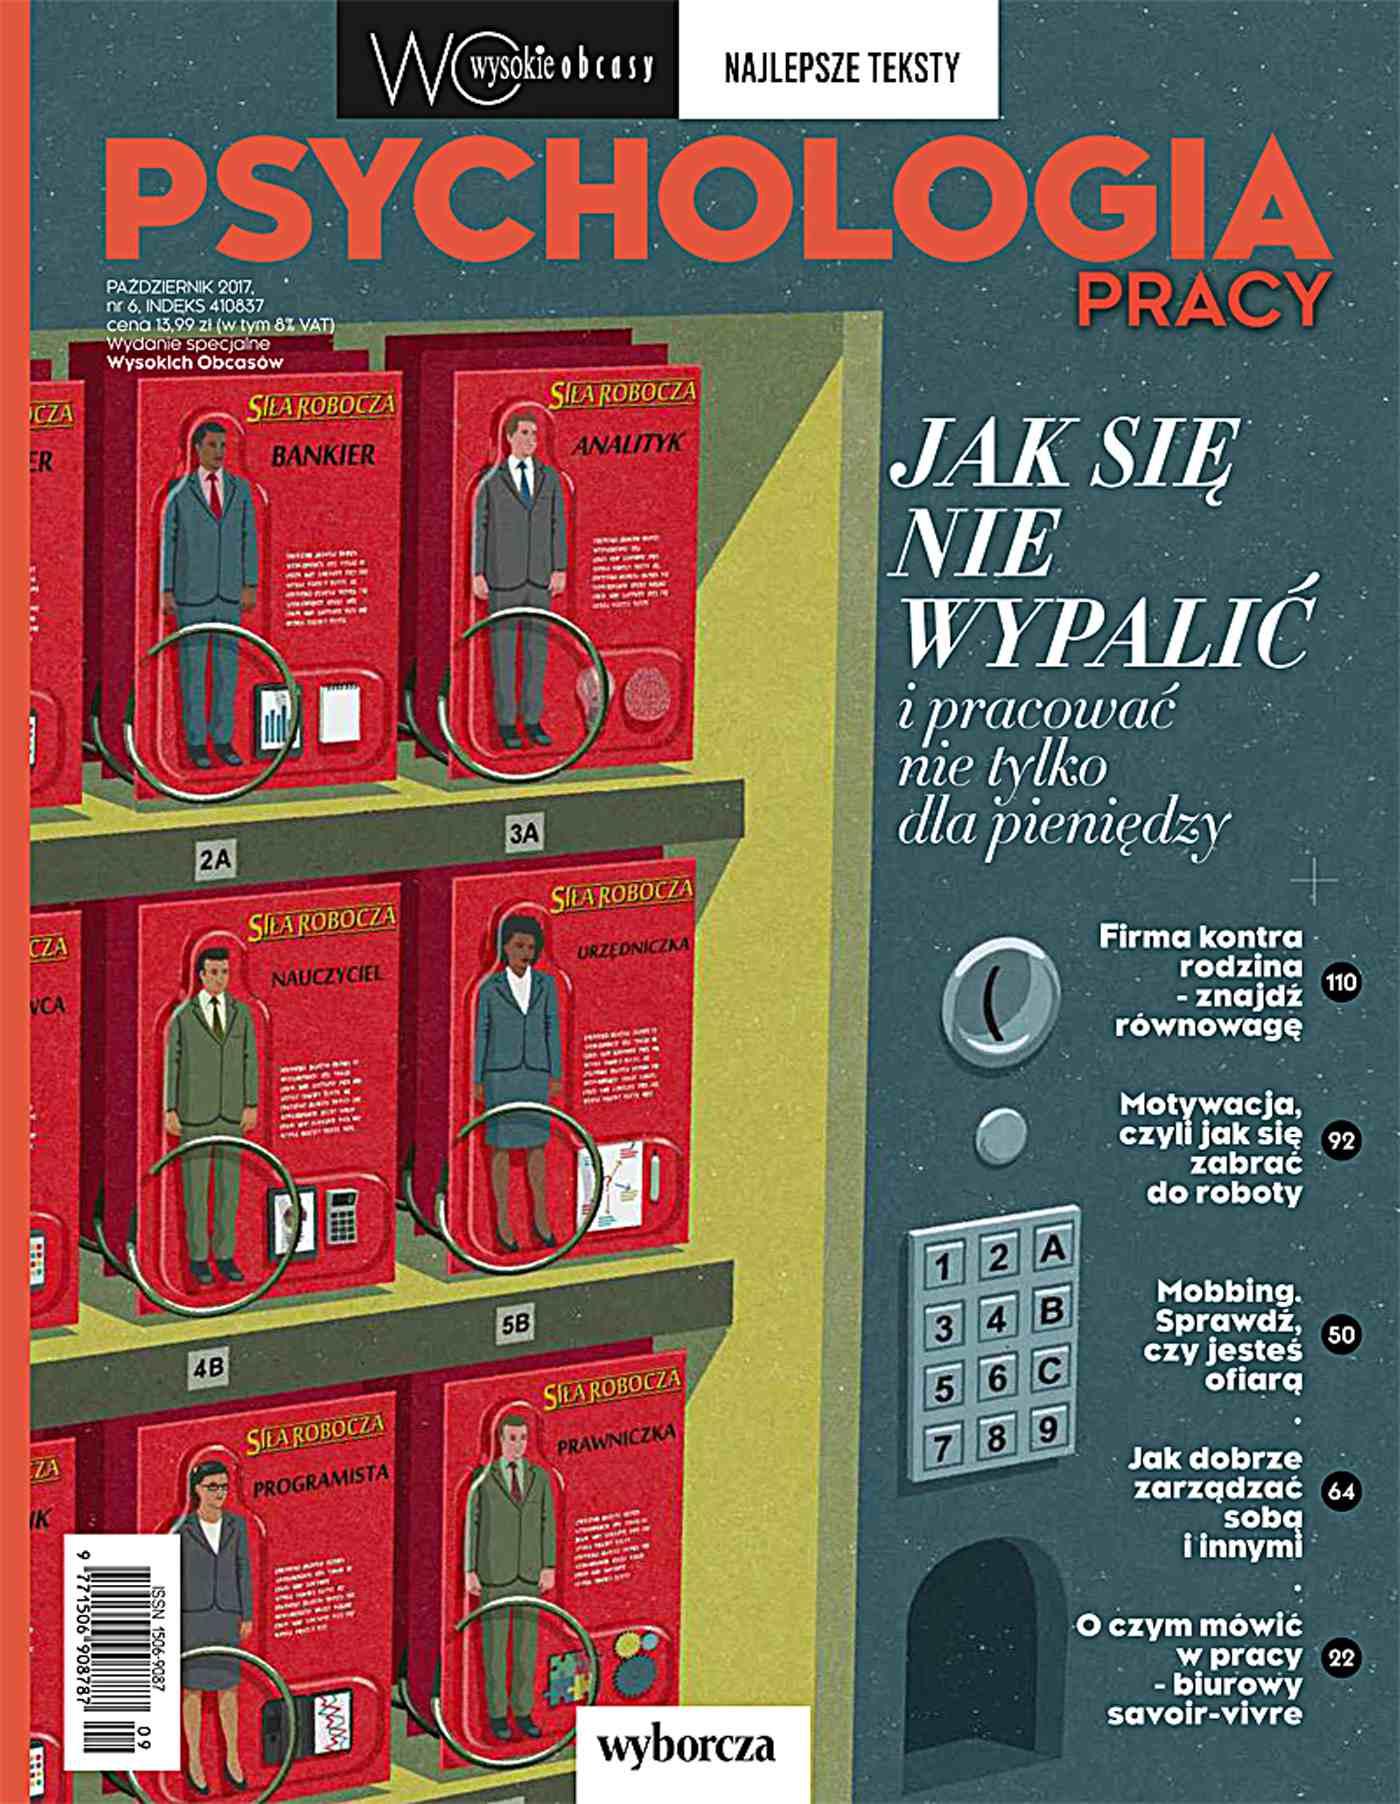 Psychologia pracy. Najlepsze teksty. Wysokie Obcasy. Wydanie Specjalne 5/2017 - Ebook (Książka na Kindle) do pobrania w formacie MOBI